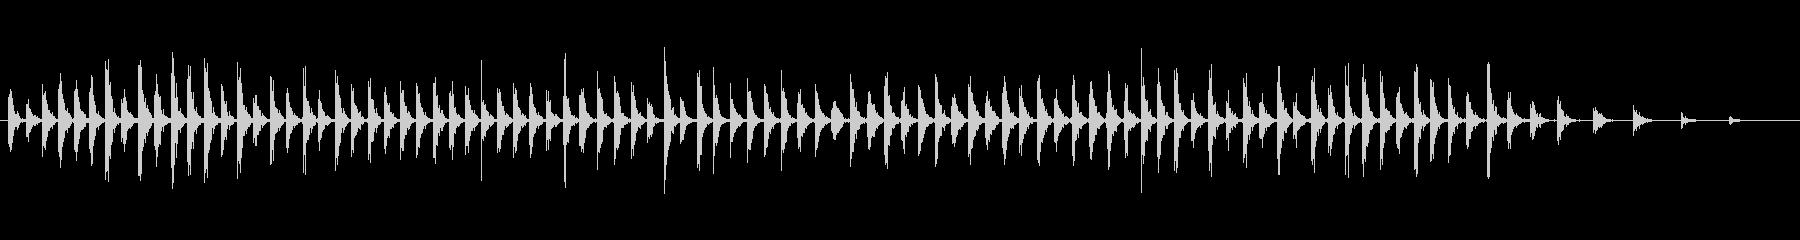 ウッドフロア:アーミーブーツ:ラン...の未再生の波形